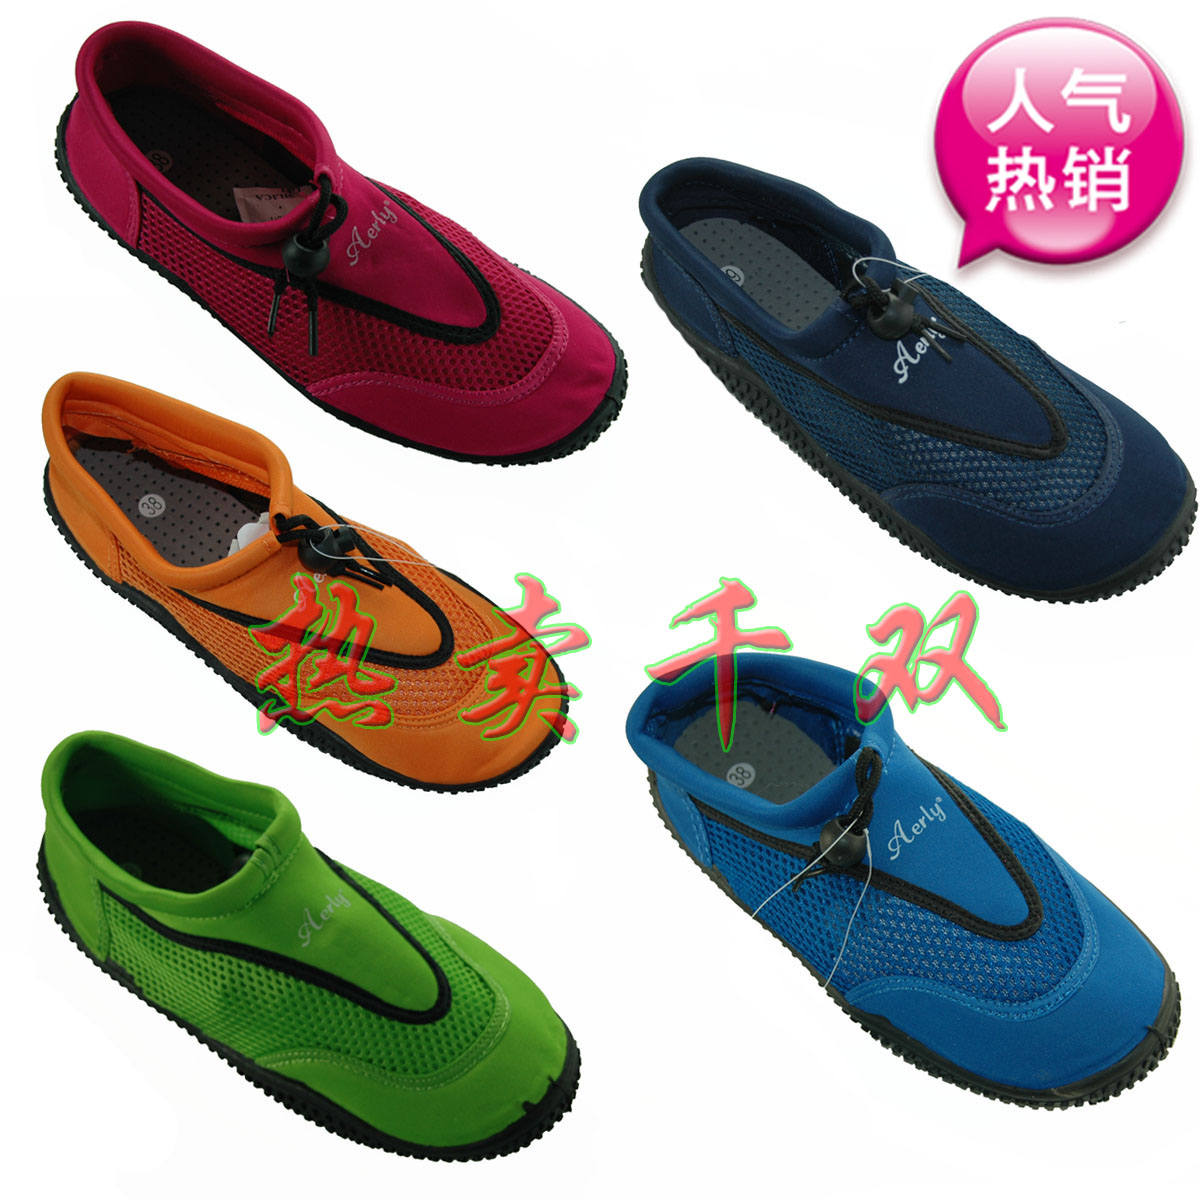 Убивайте продажу! Внешняя торговля оригинальный Дайвинг обувь Обувь зимний плавательный/подводное плавание река кемпинг на открытом воздухе кроссовки!